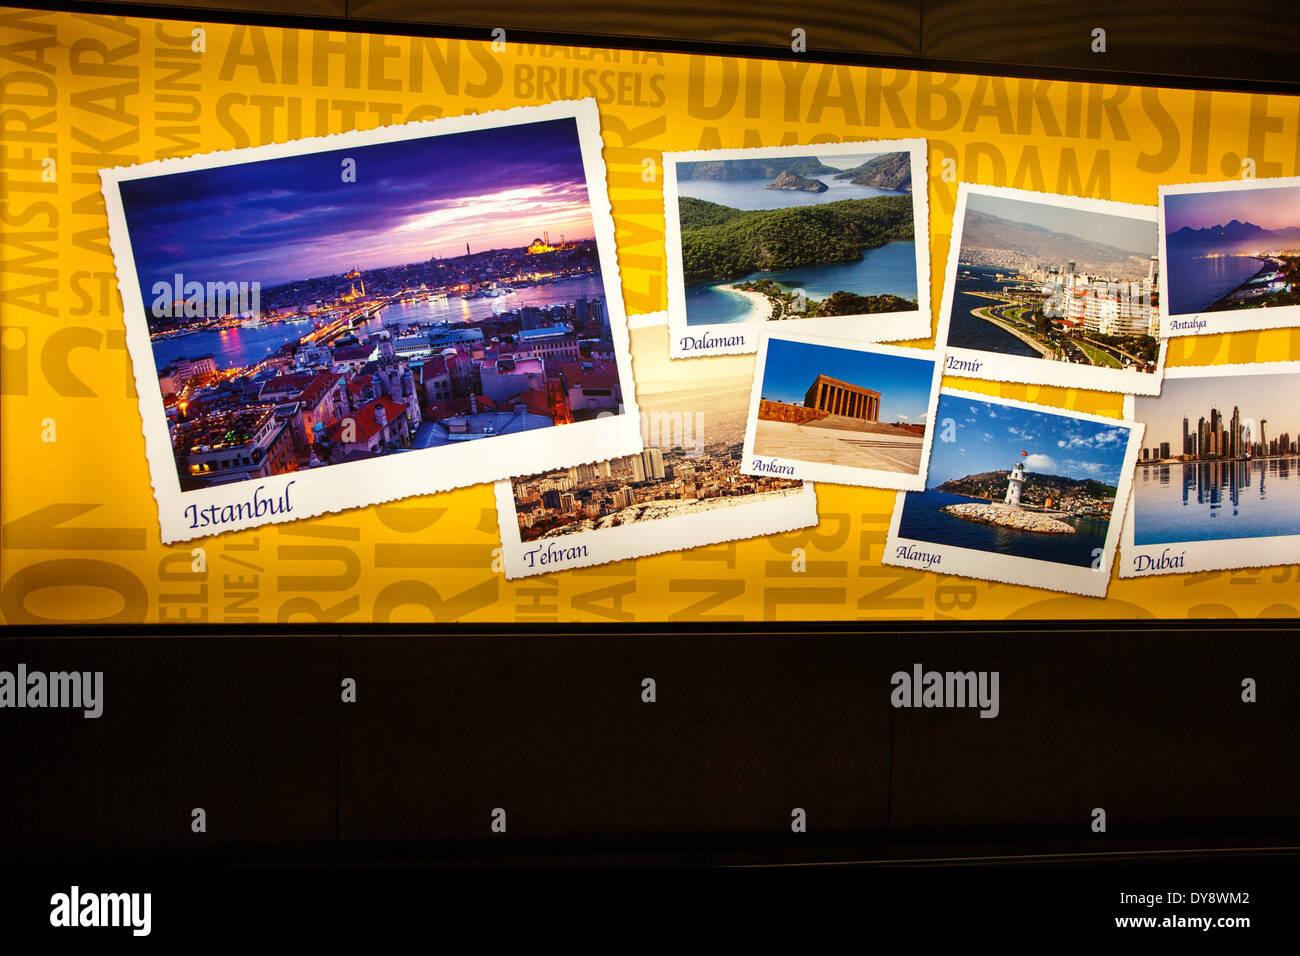 Elektronische Anzeige der Urlaub Ziel Bilder am Flughafen Stansted, Essex, England Stockbild